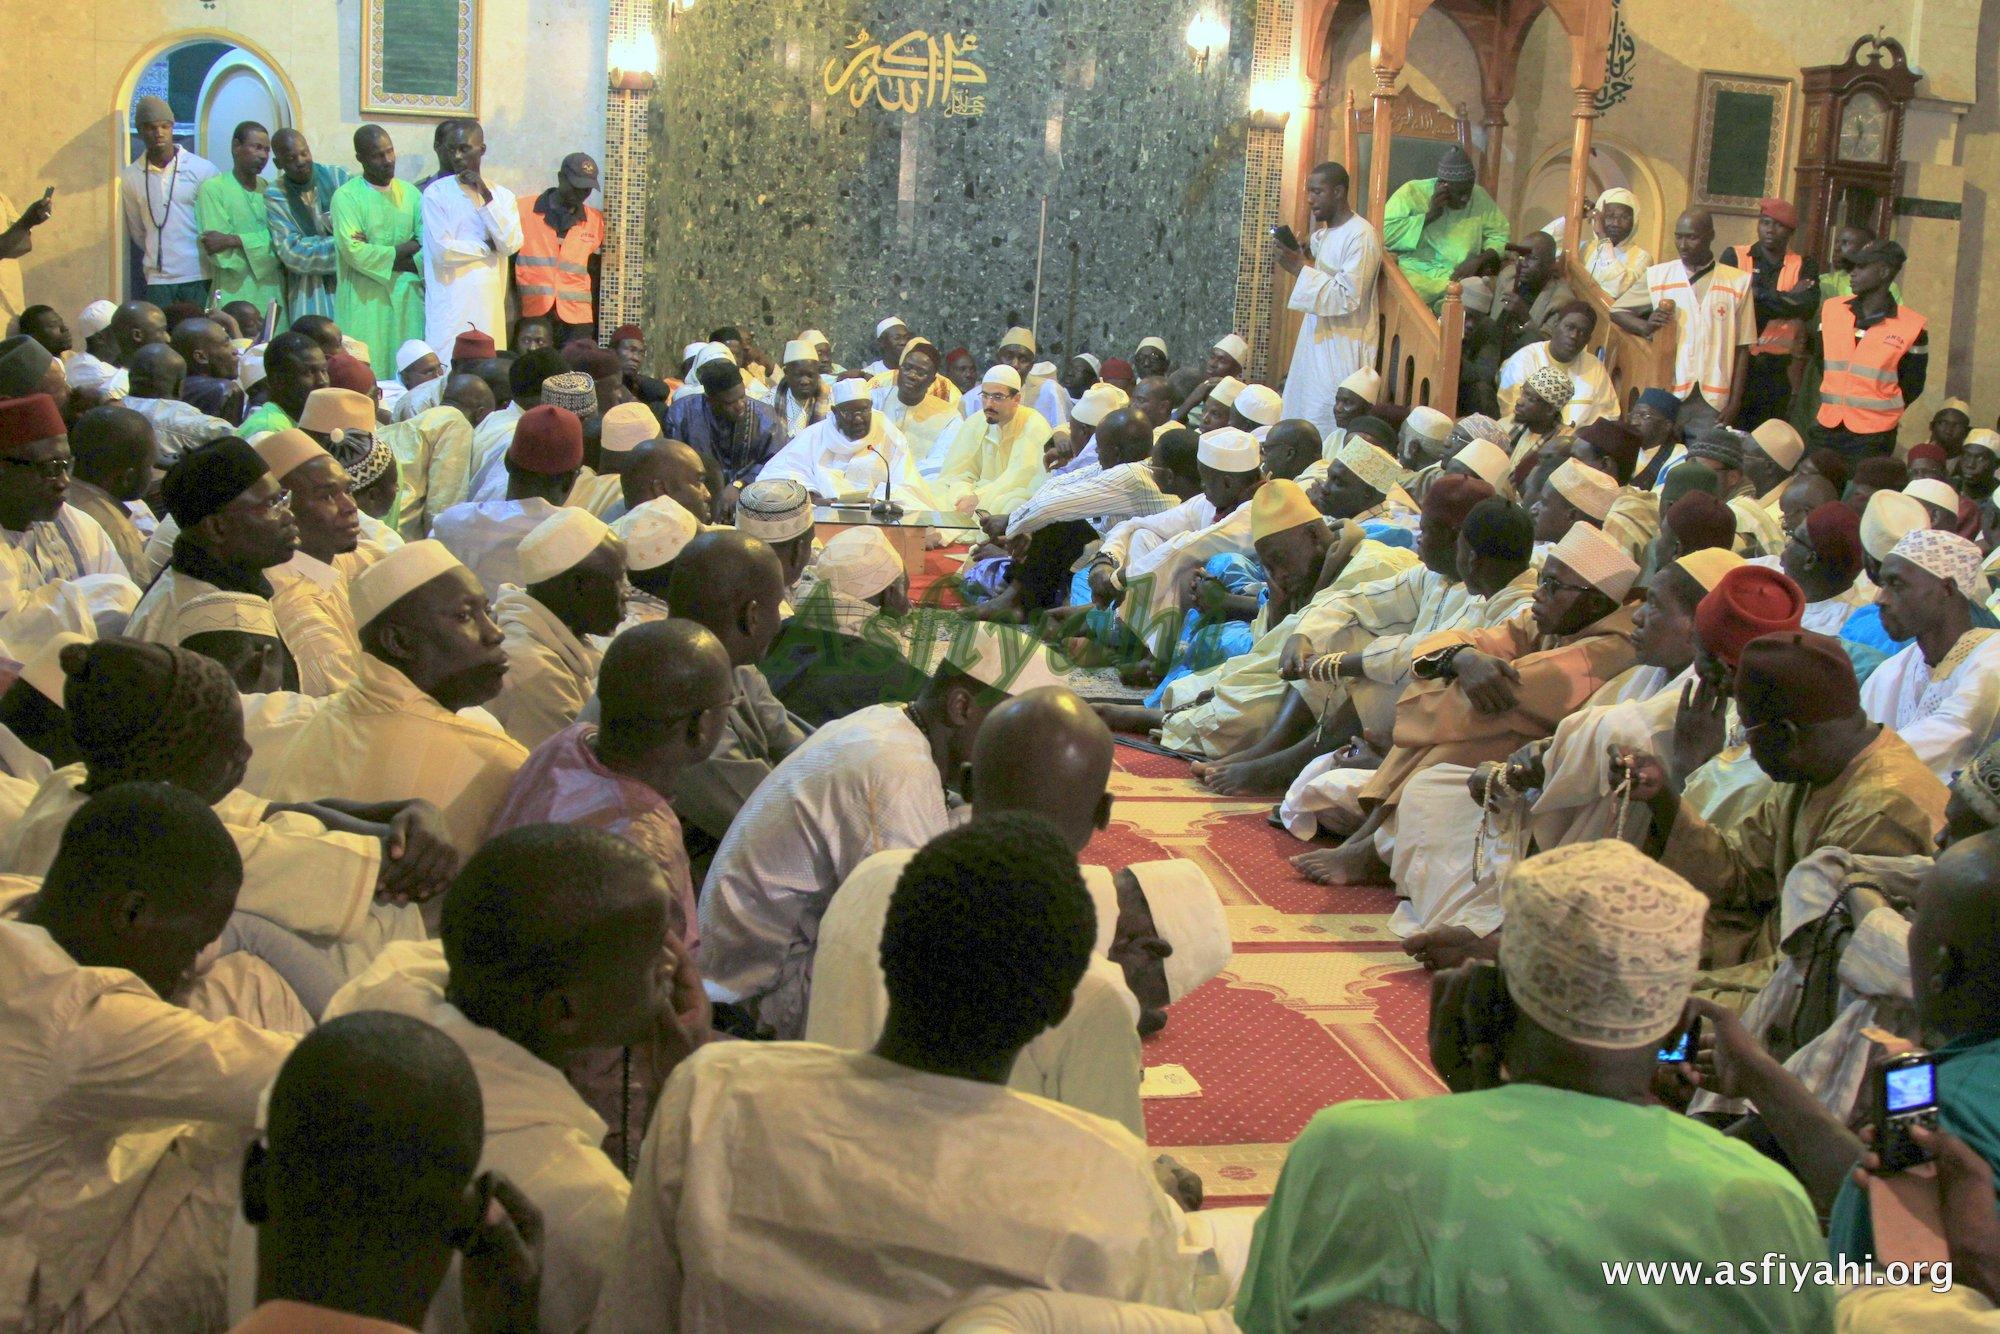 PHOTOS: Les Images de l'Ouverture du Bourdou 2015 à la Mosquée Serigne Babacar Sy de Tivaouane